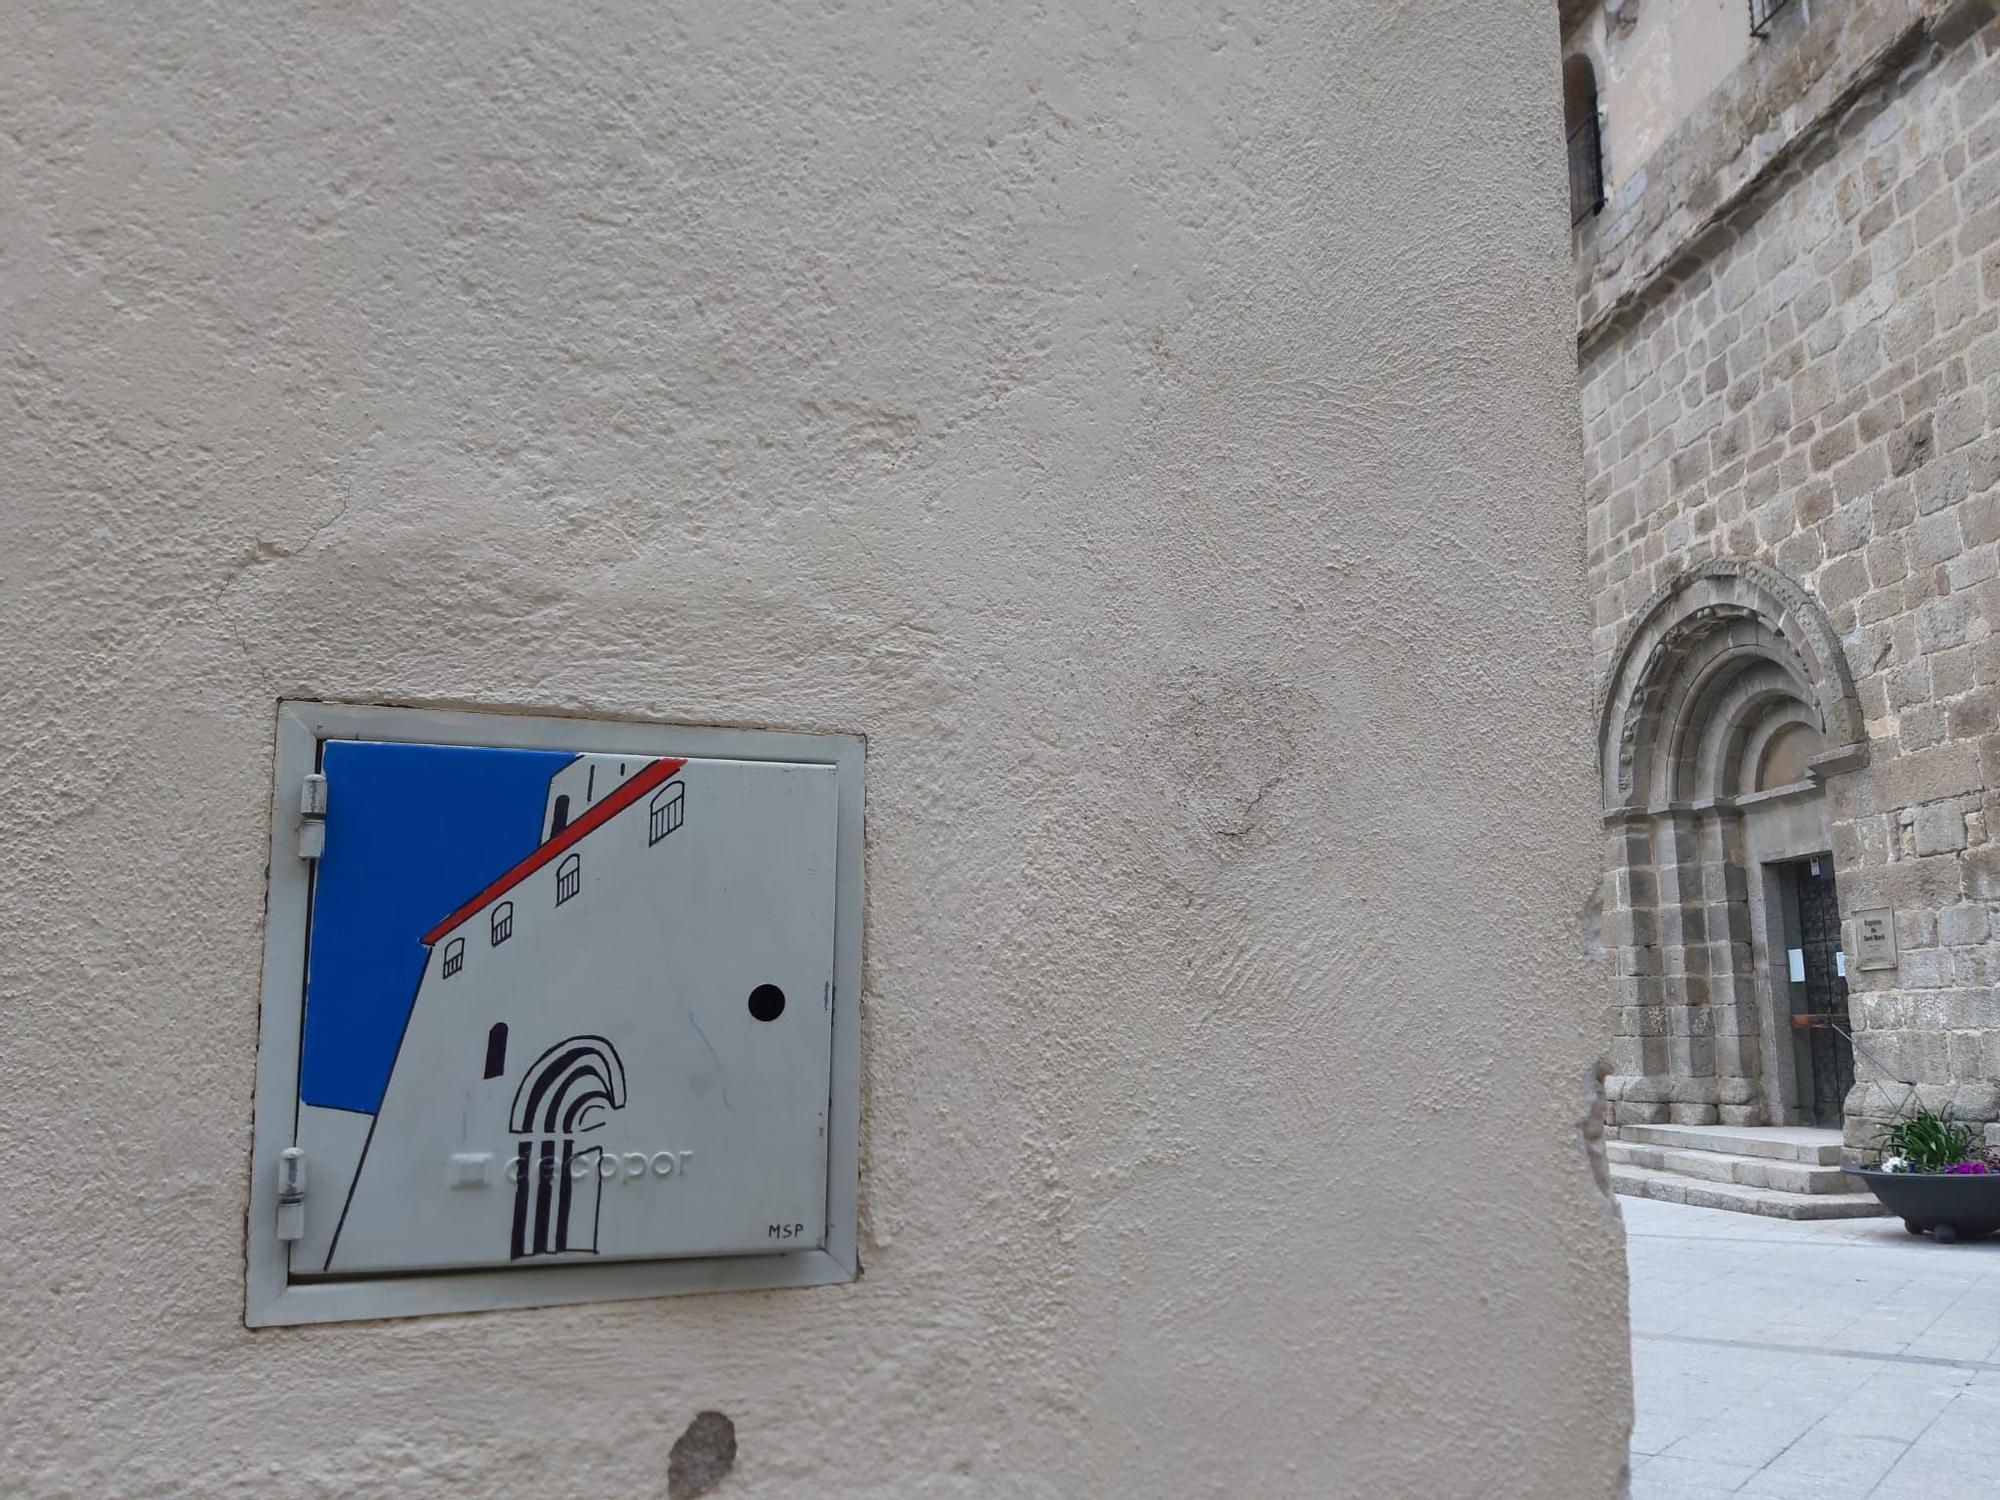 L'art a les caixes de registre  de l'aigua, un fenomen de moda a Maçanet de Cabrenys